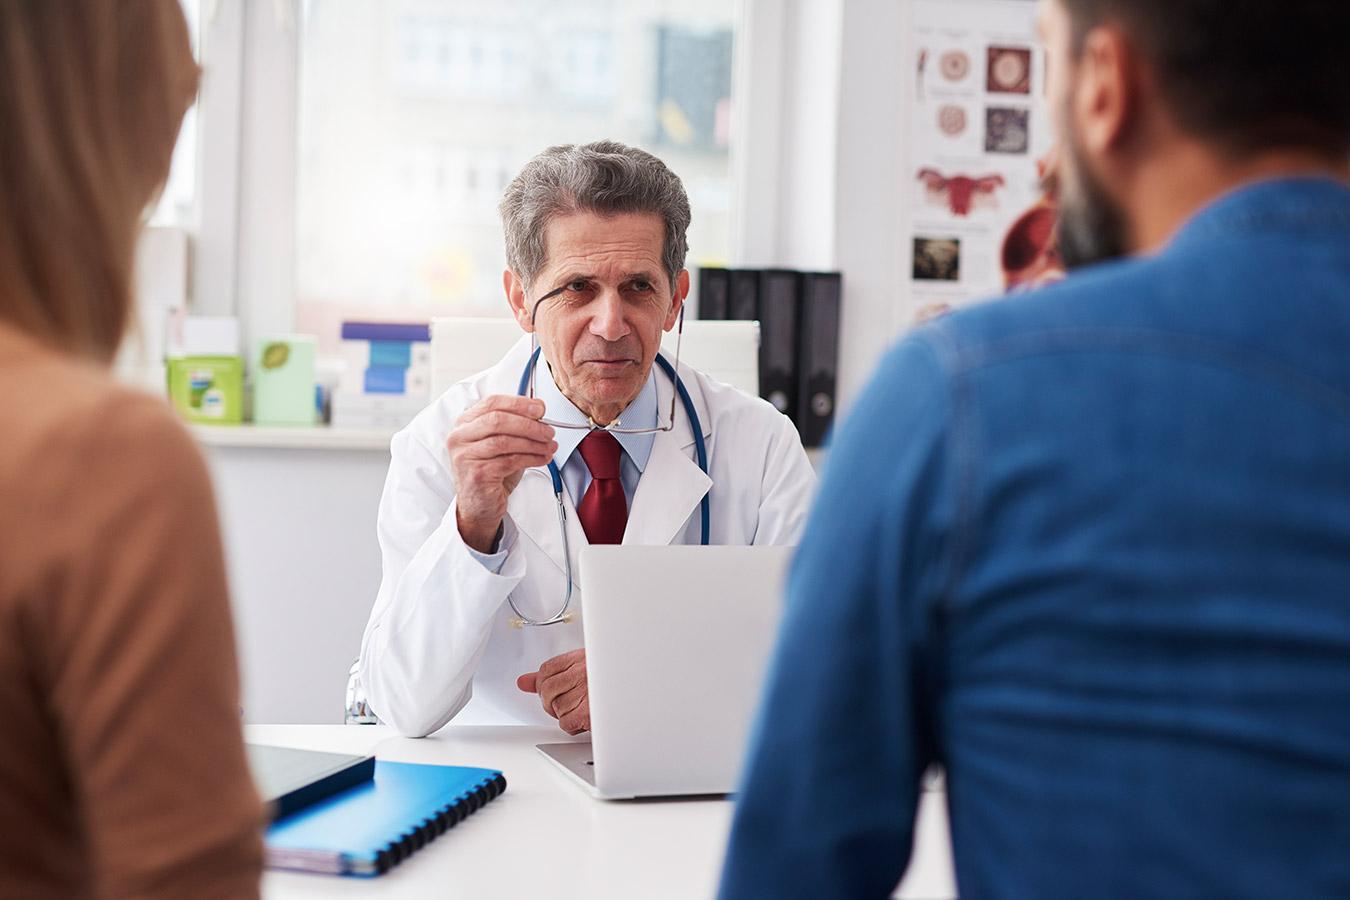 Wskazania lekarskie 2 – Co oznaczają kody L4?